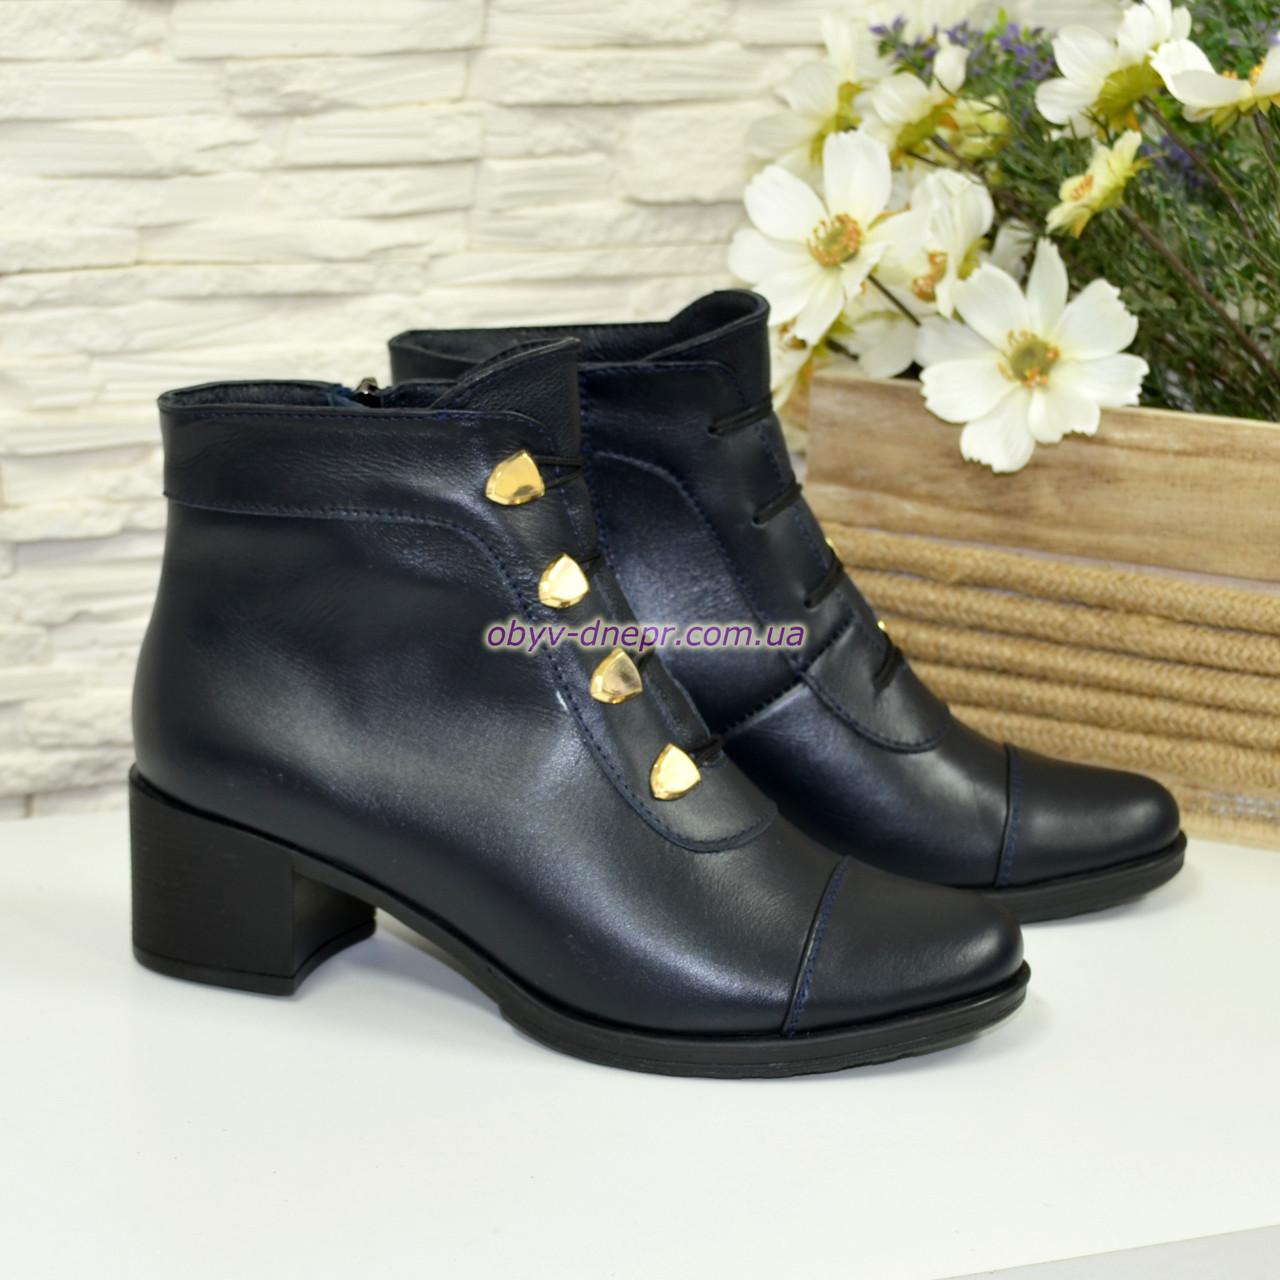 Женские классические зимние ботинки на невысоком каблуке, натуральная кожа синего цвета